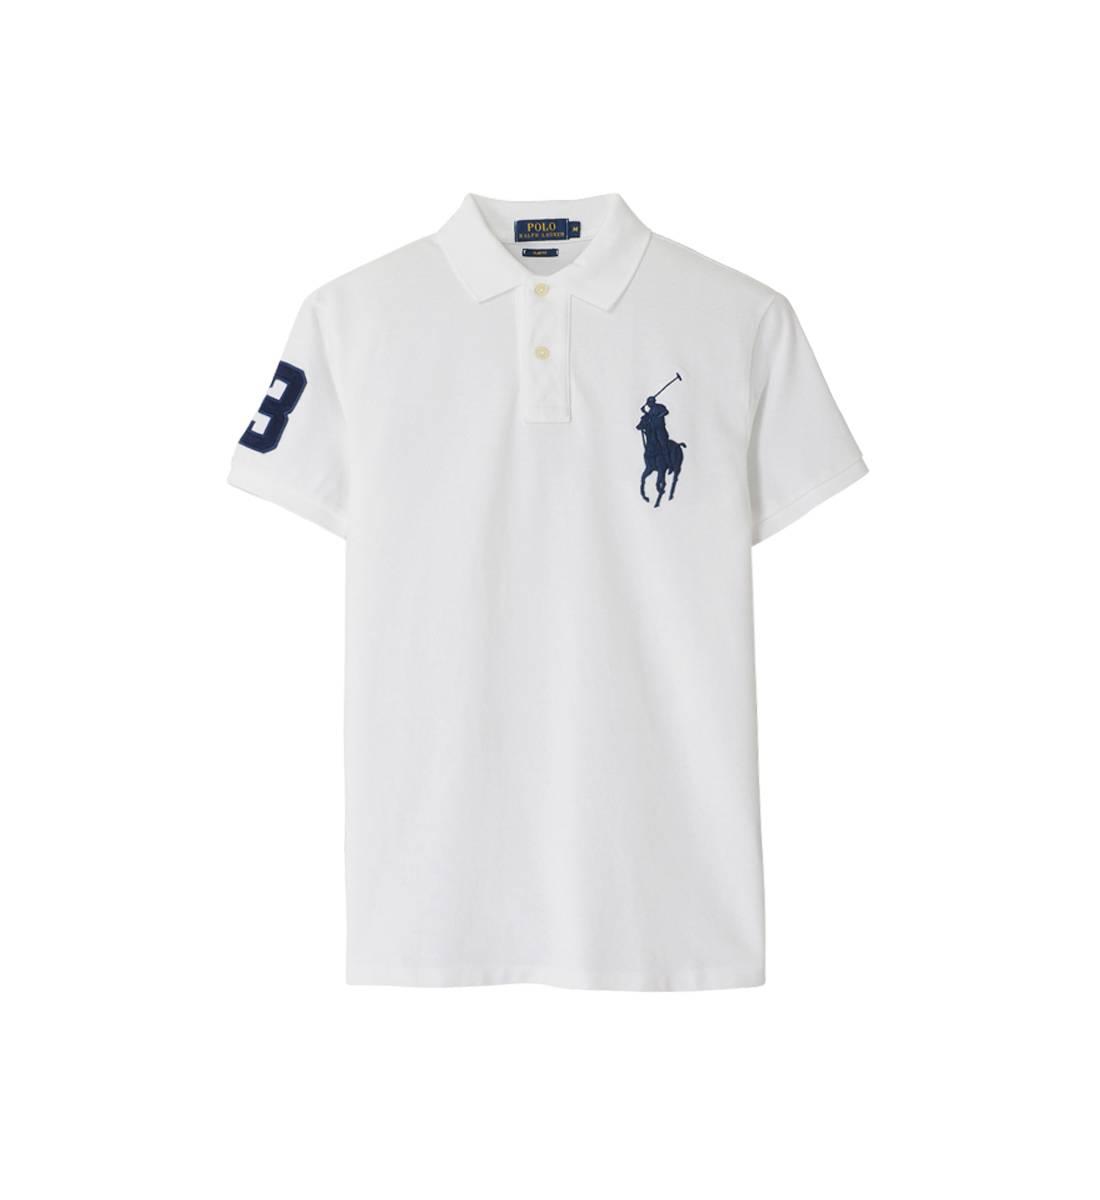 7b3821f7aa1bb Acheter polo ralph lauren blanc homme pas cher original pas cher ici en ligne  avec le prix le plus bas possible. Remises spéciales sur les nouvelles  offres ...